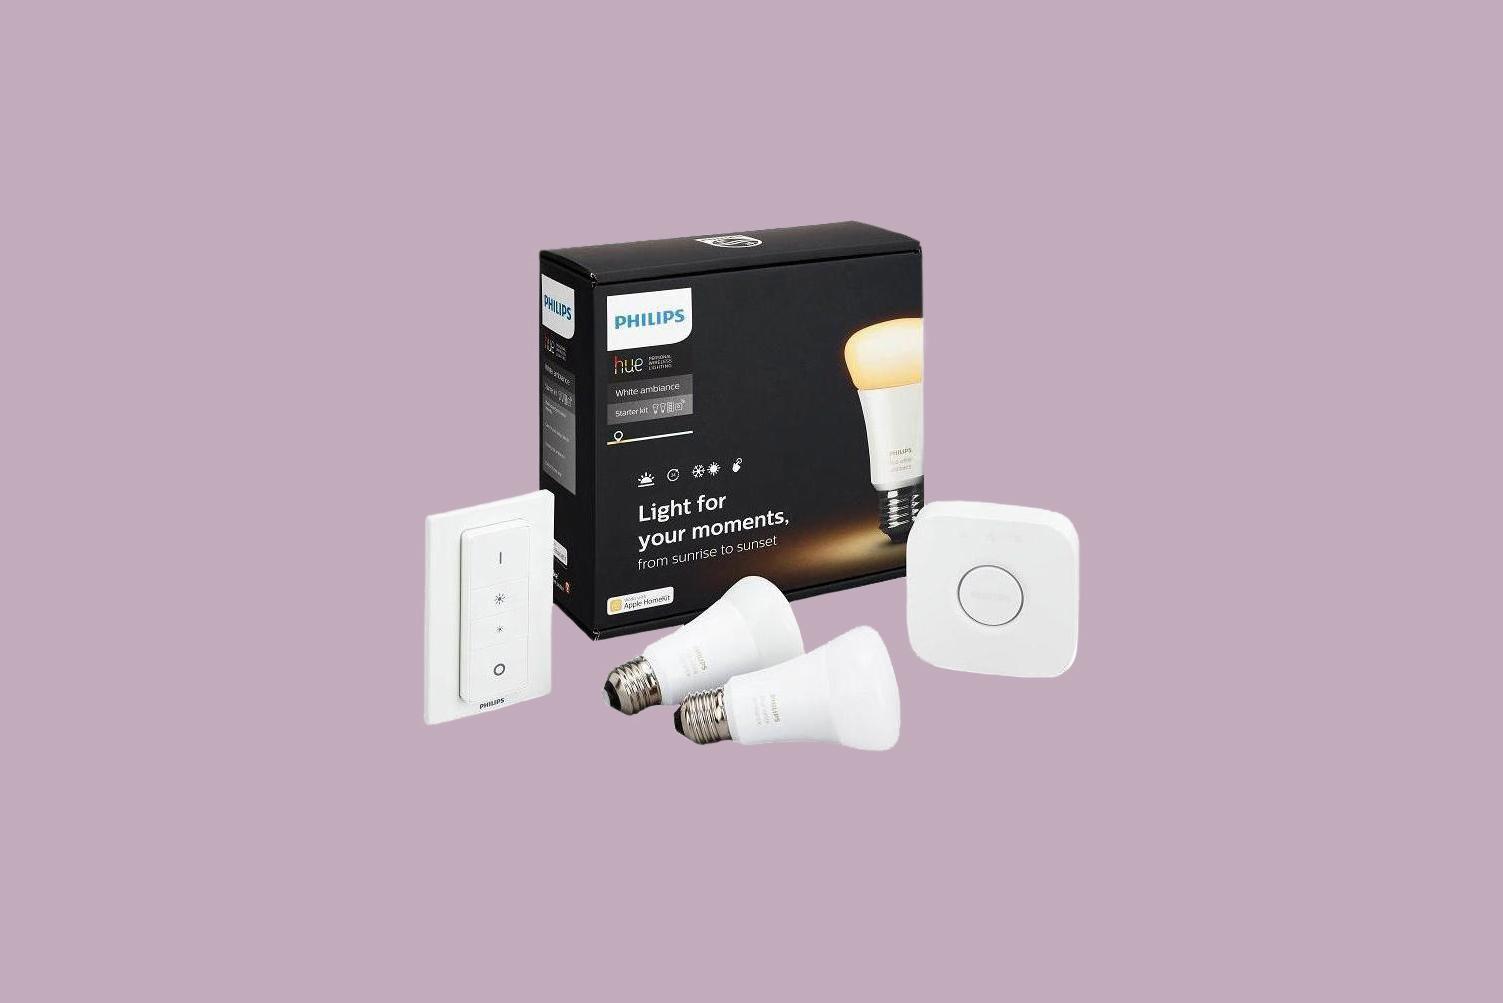 Phillips Hue White Ambiance Smart Lighting Starter Kit